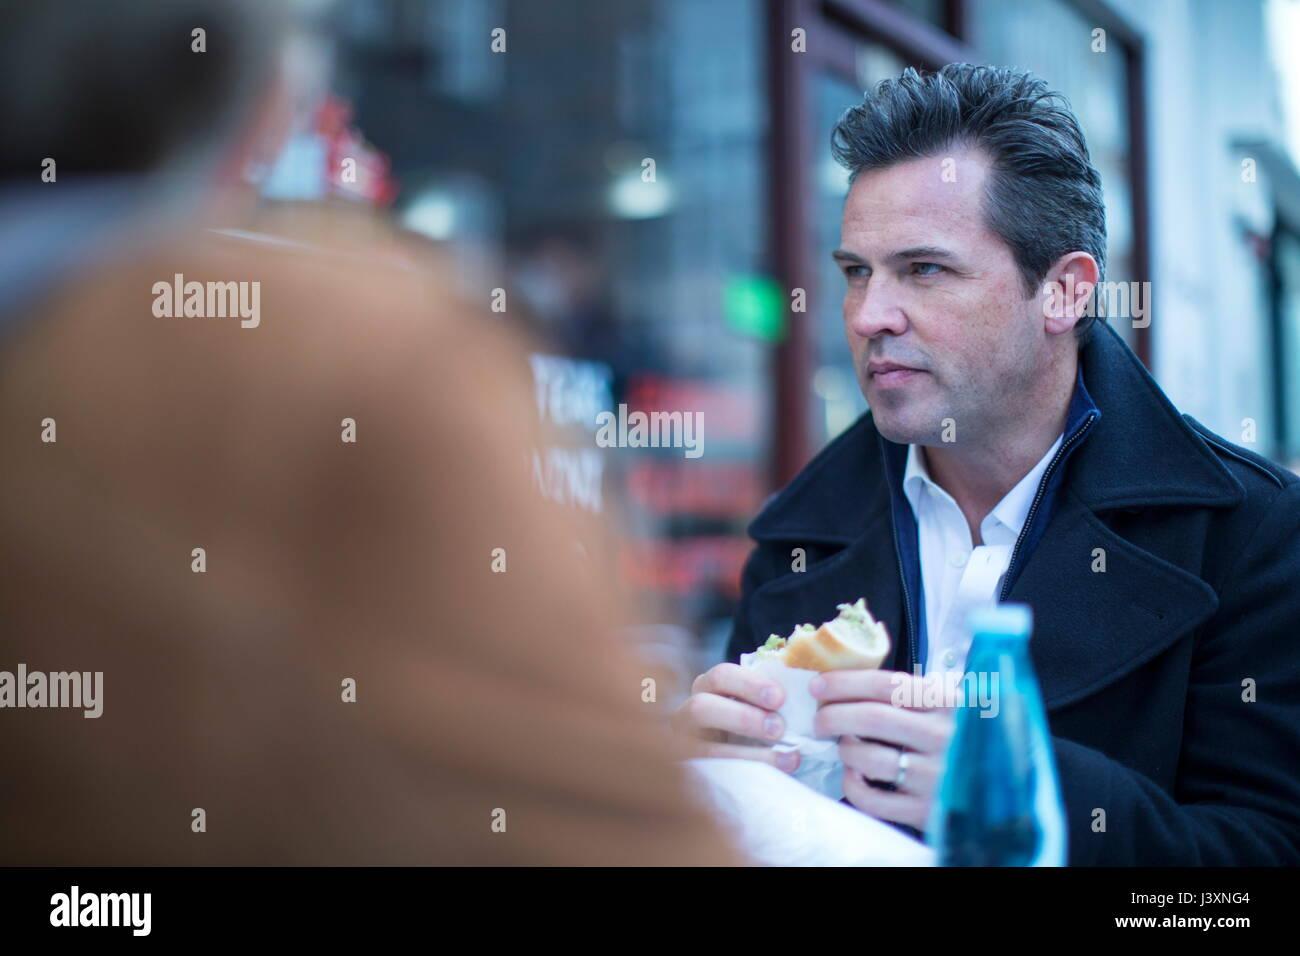 Gli imprenditori a pavement cafe a pranzo Immagini Stock